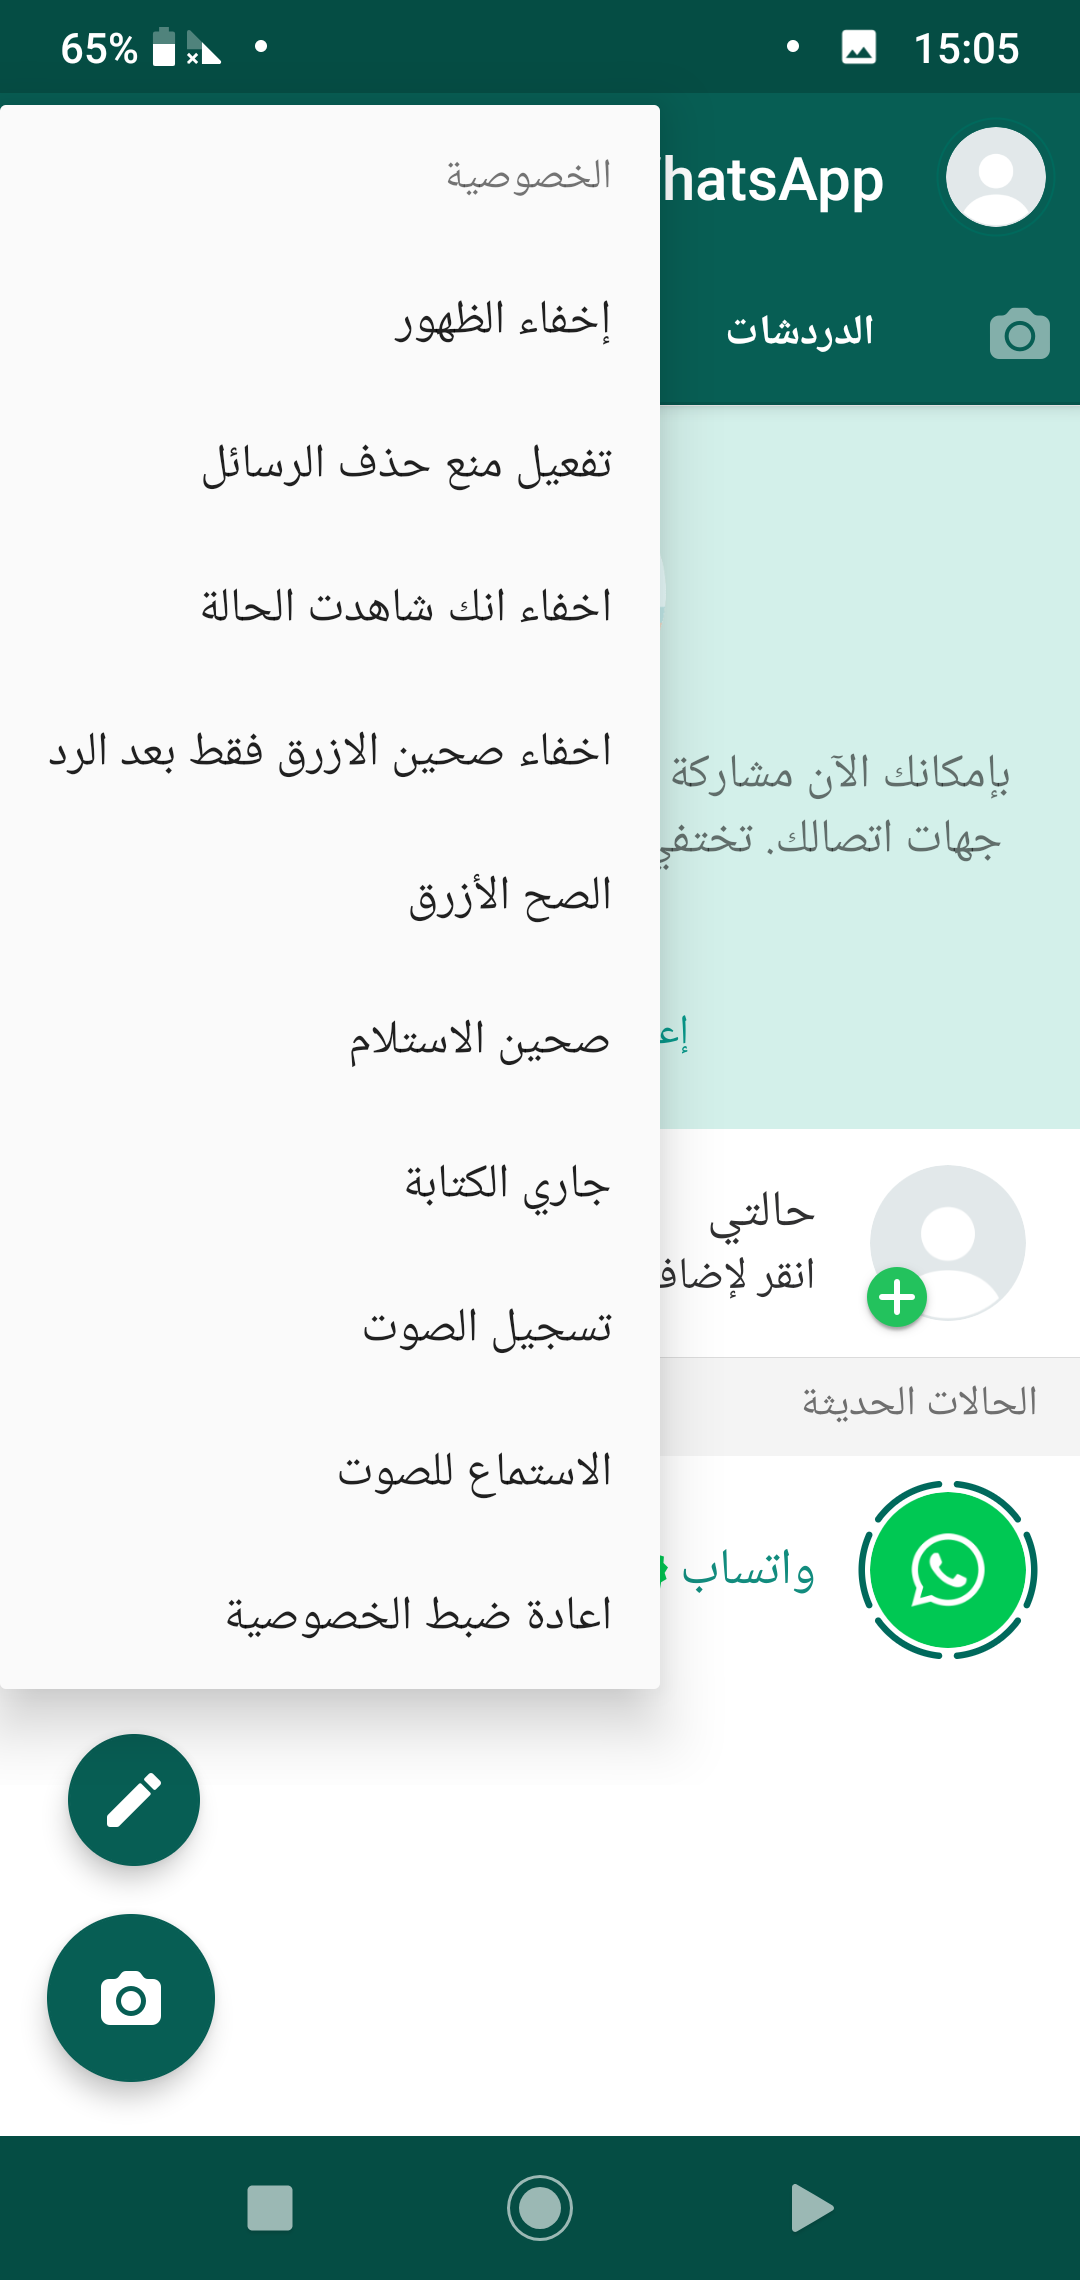 واتساب الذهبي Whatsapp Gold - صورة للبرنامج #7